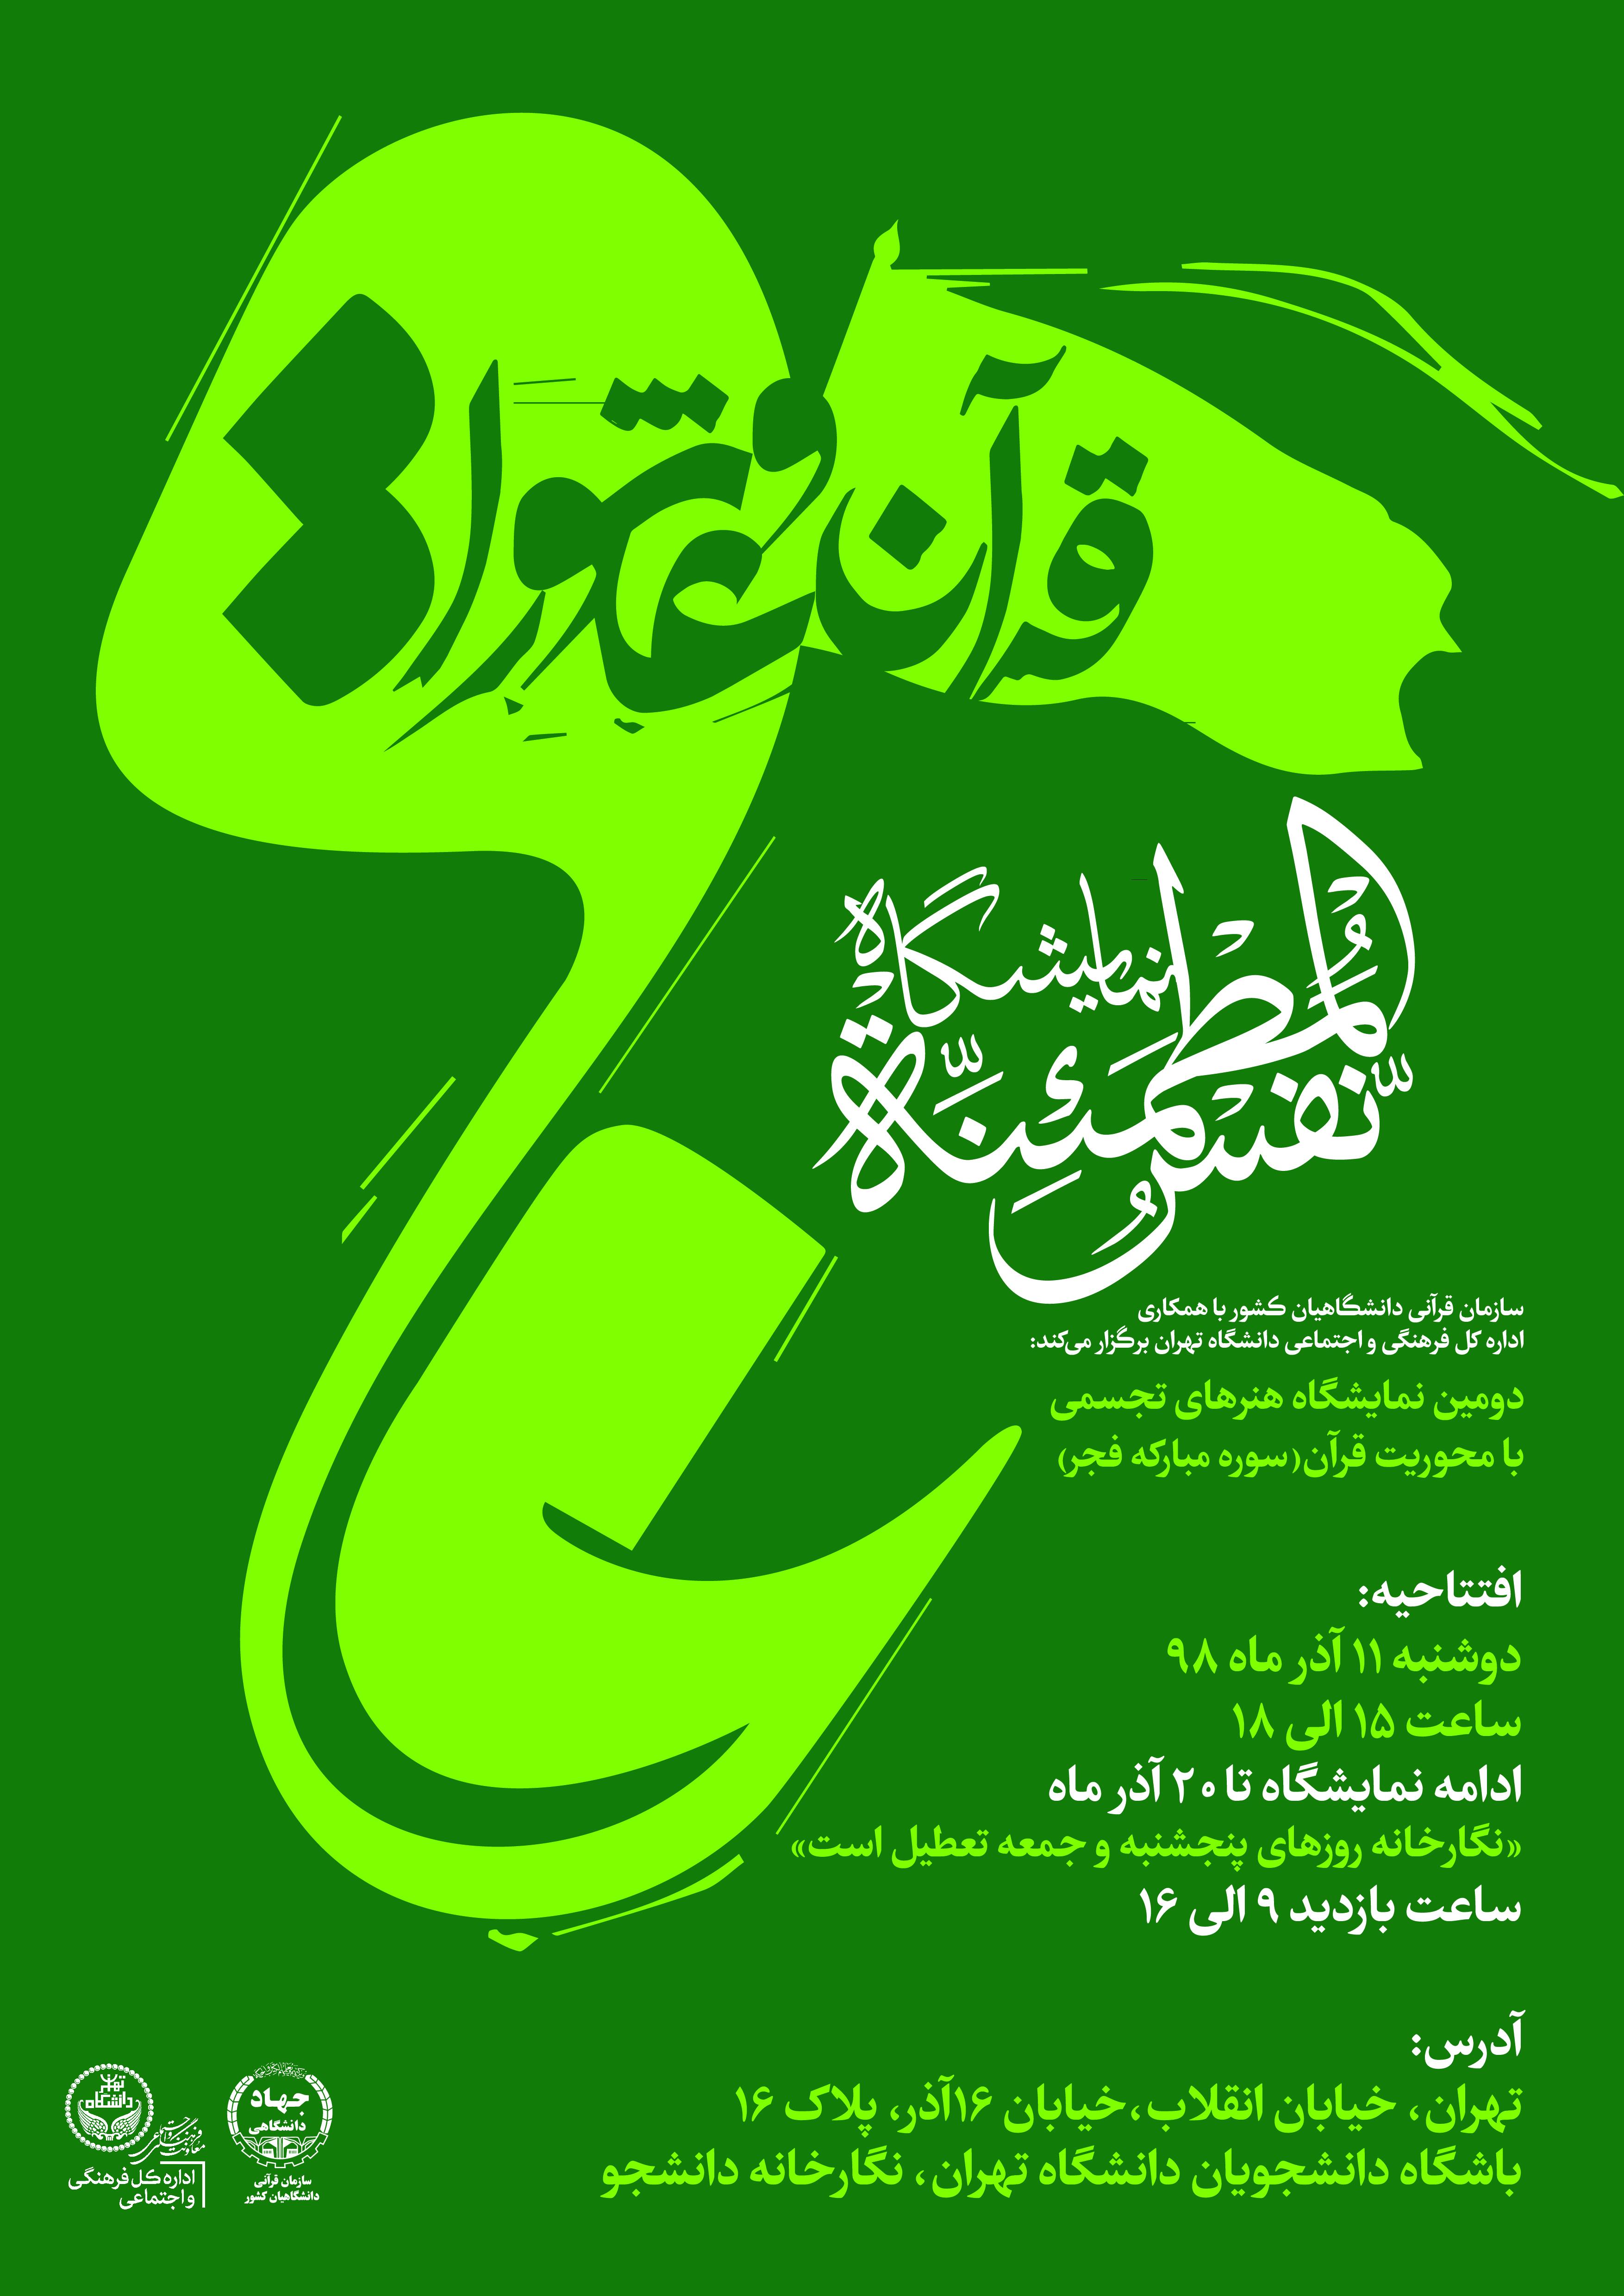 به تعویق افتادن مراسم افتتاحیه نمایشگاه هنرهای تجسمی قرآن و عاشورا